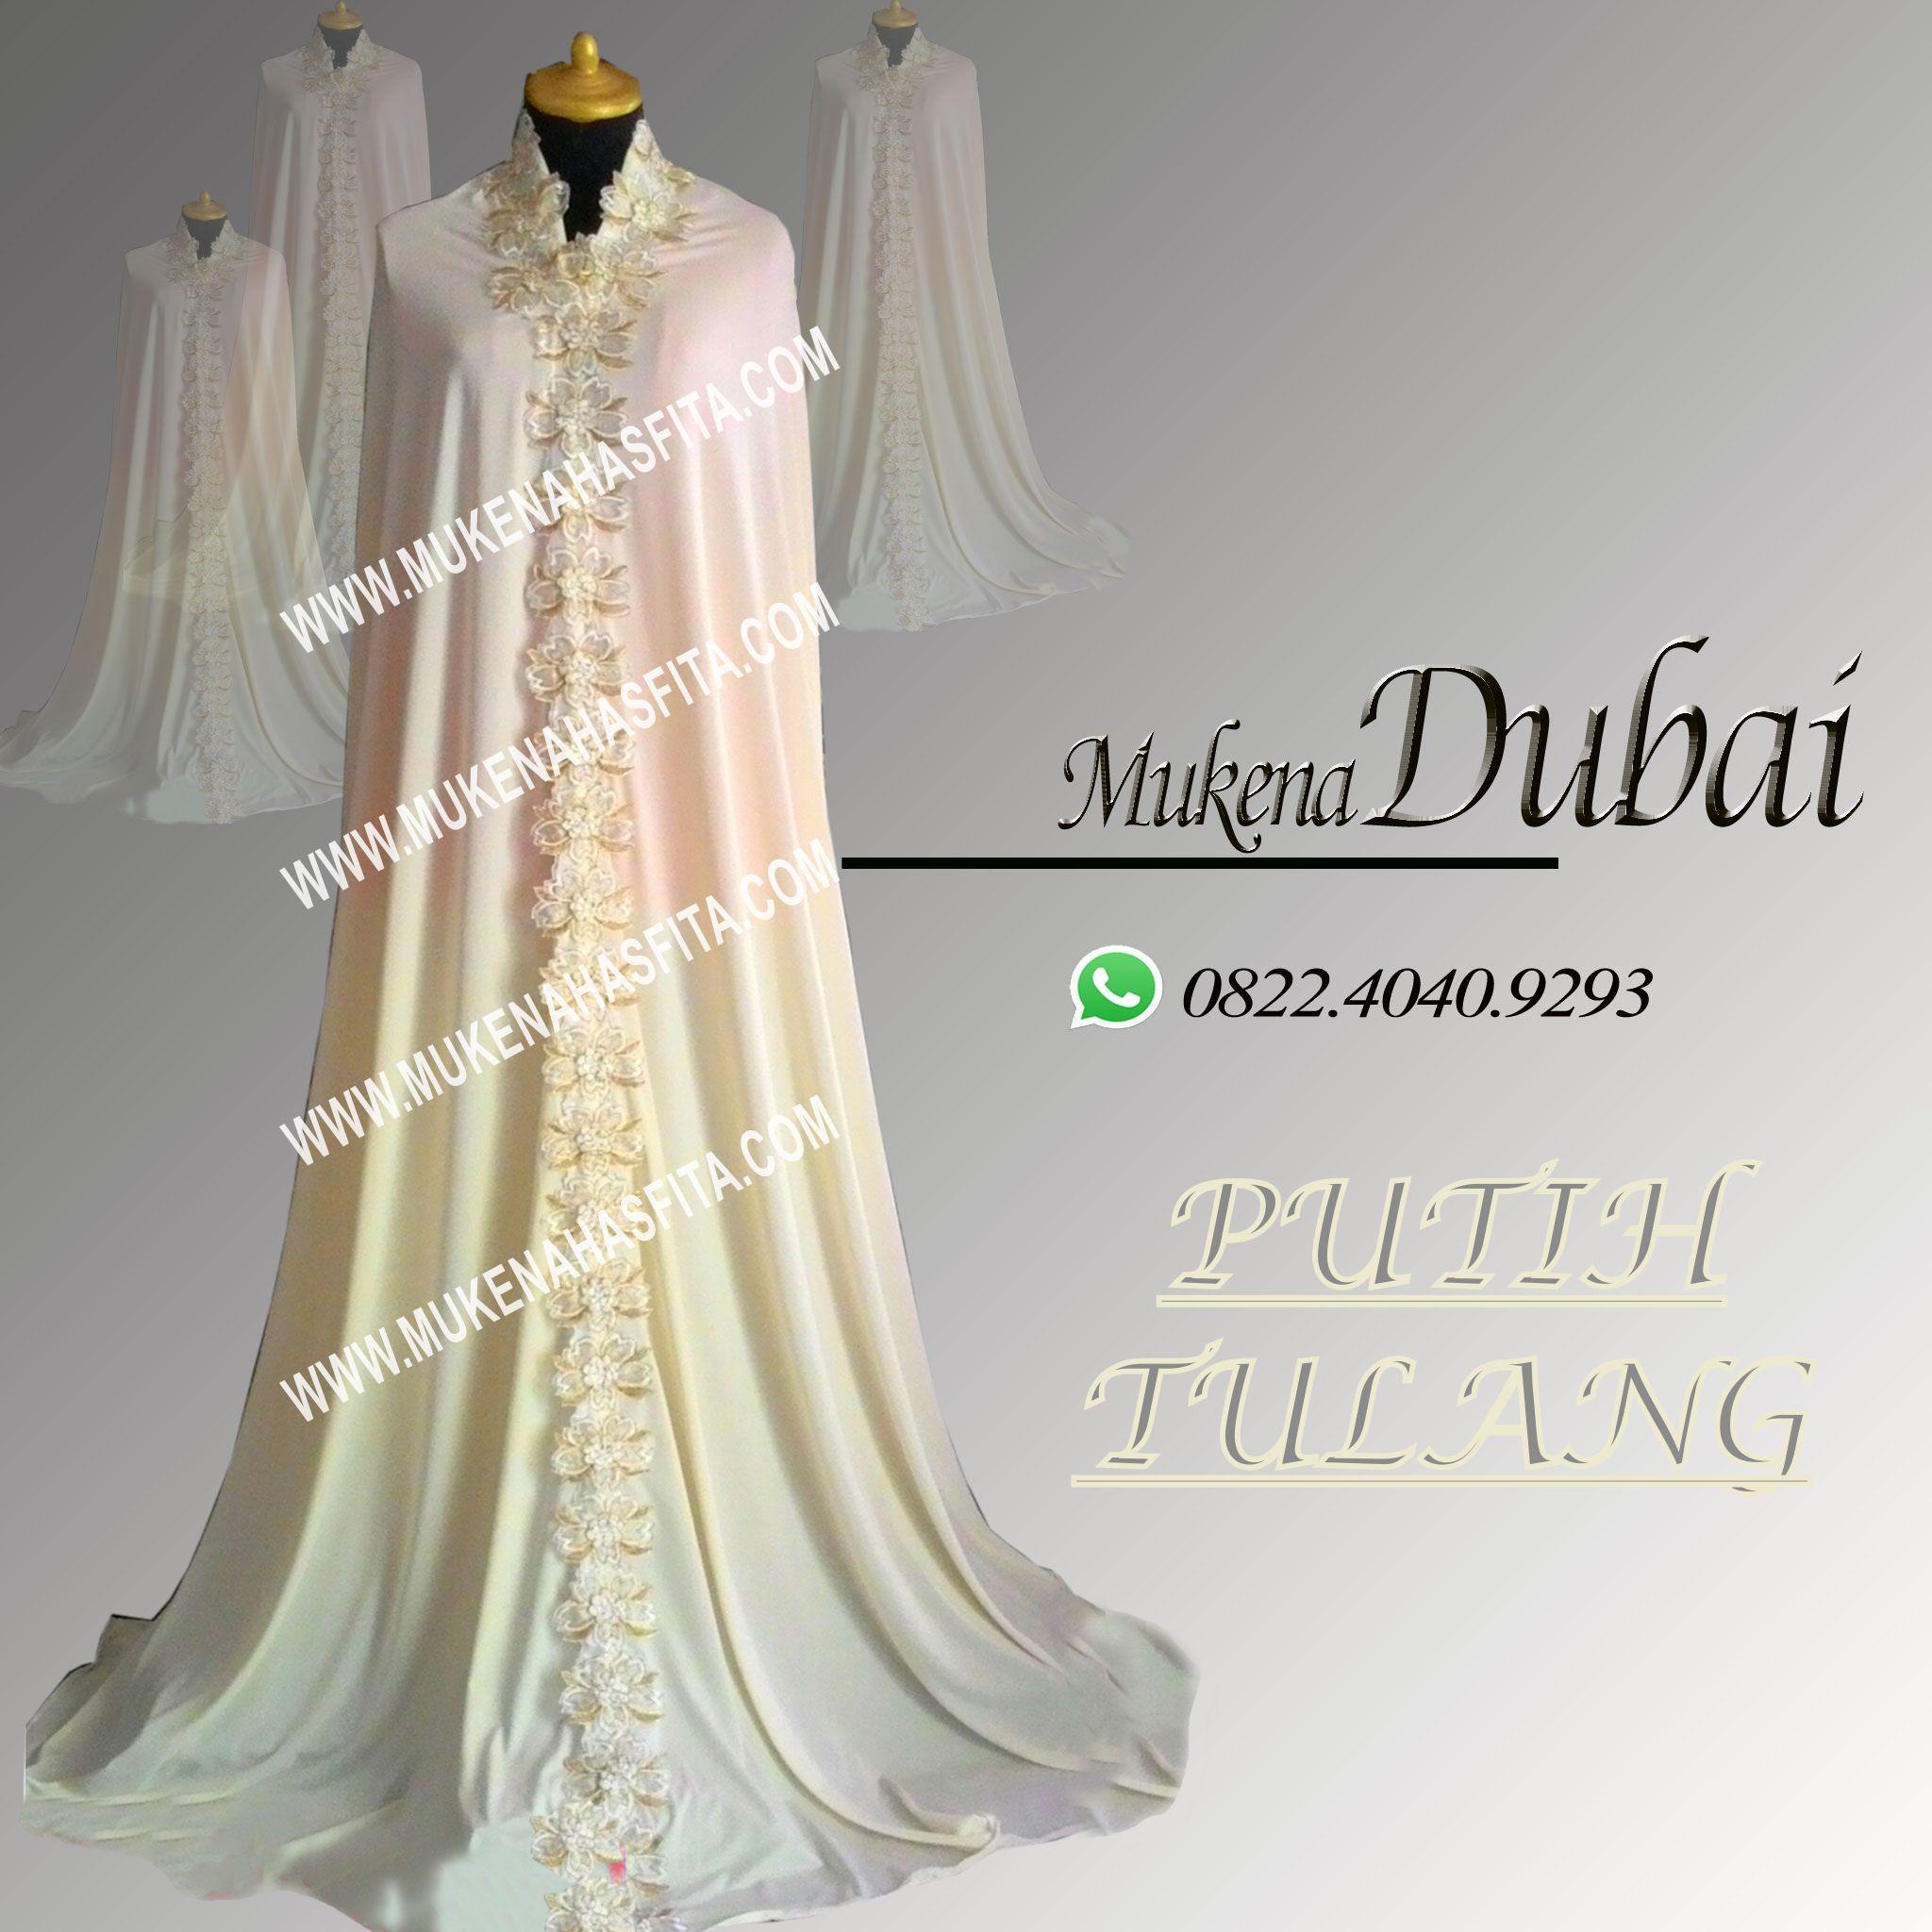 Mukena Dubai Elegan Mukena Dubai Elegan line Mukena Dubai Elegan Terbaru Mukena Dubai